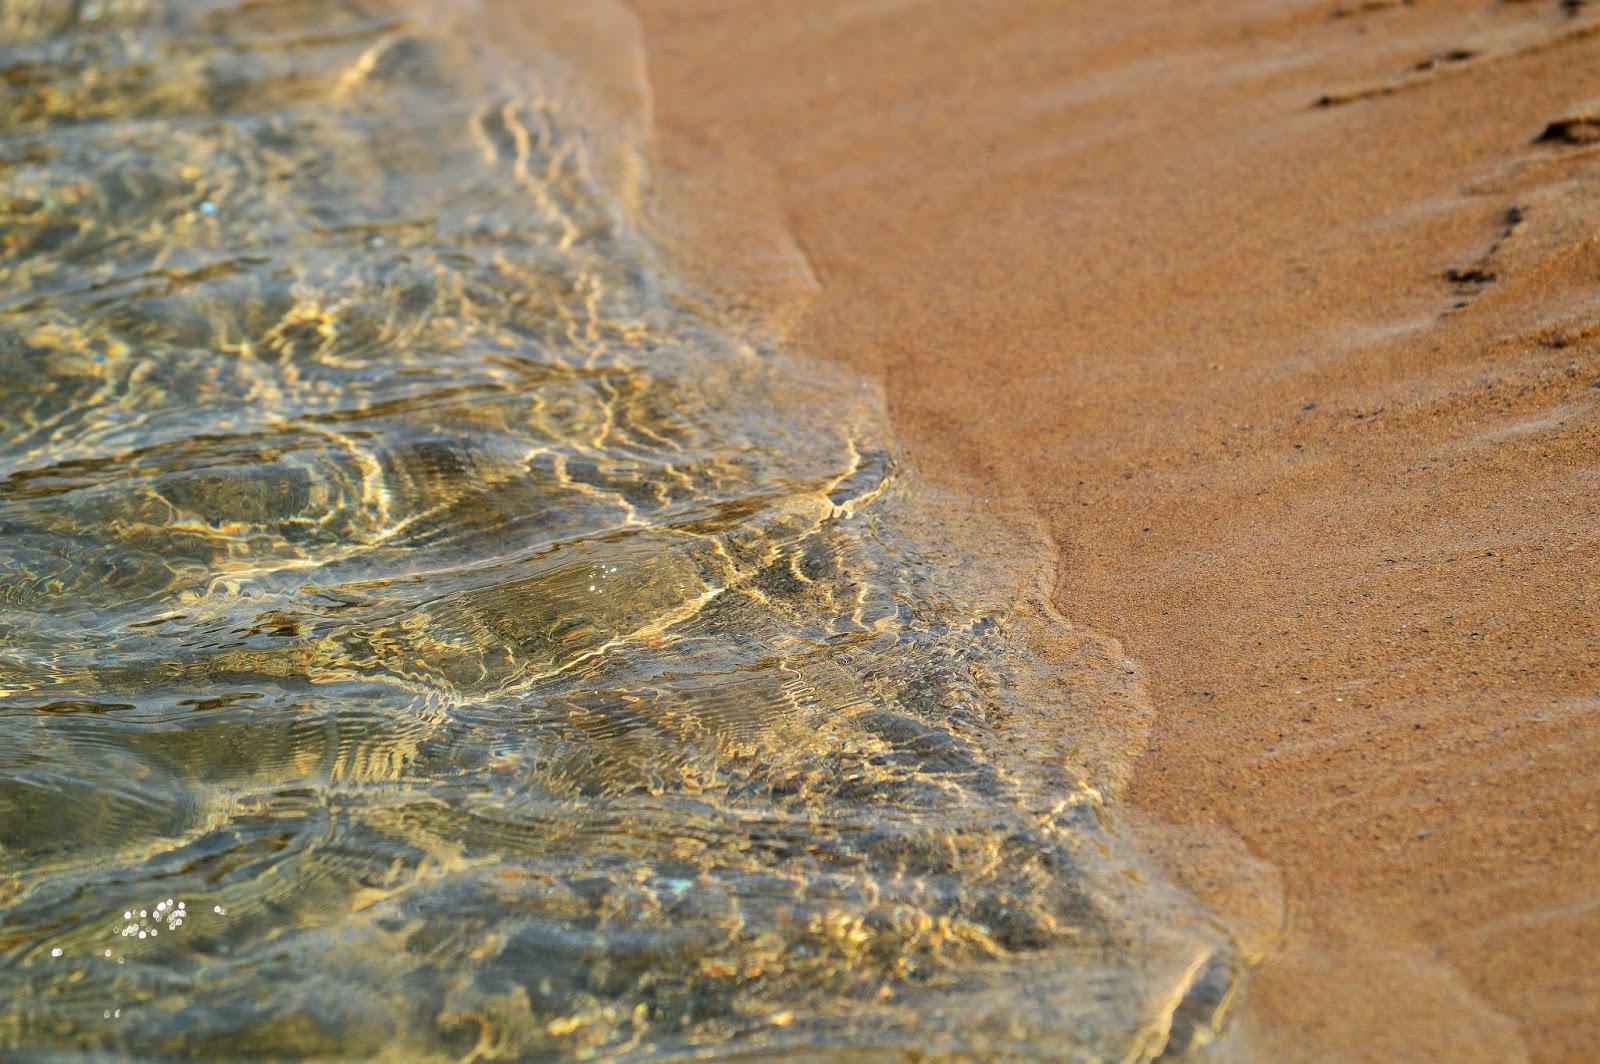 Plage de Donnant, côte sauvage, Belle-Ile-en-mer